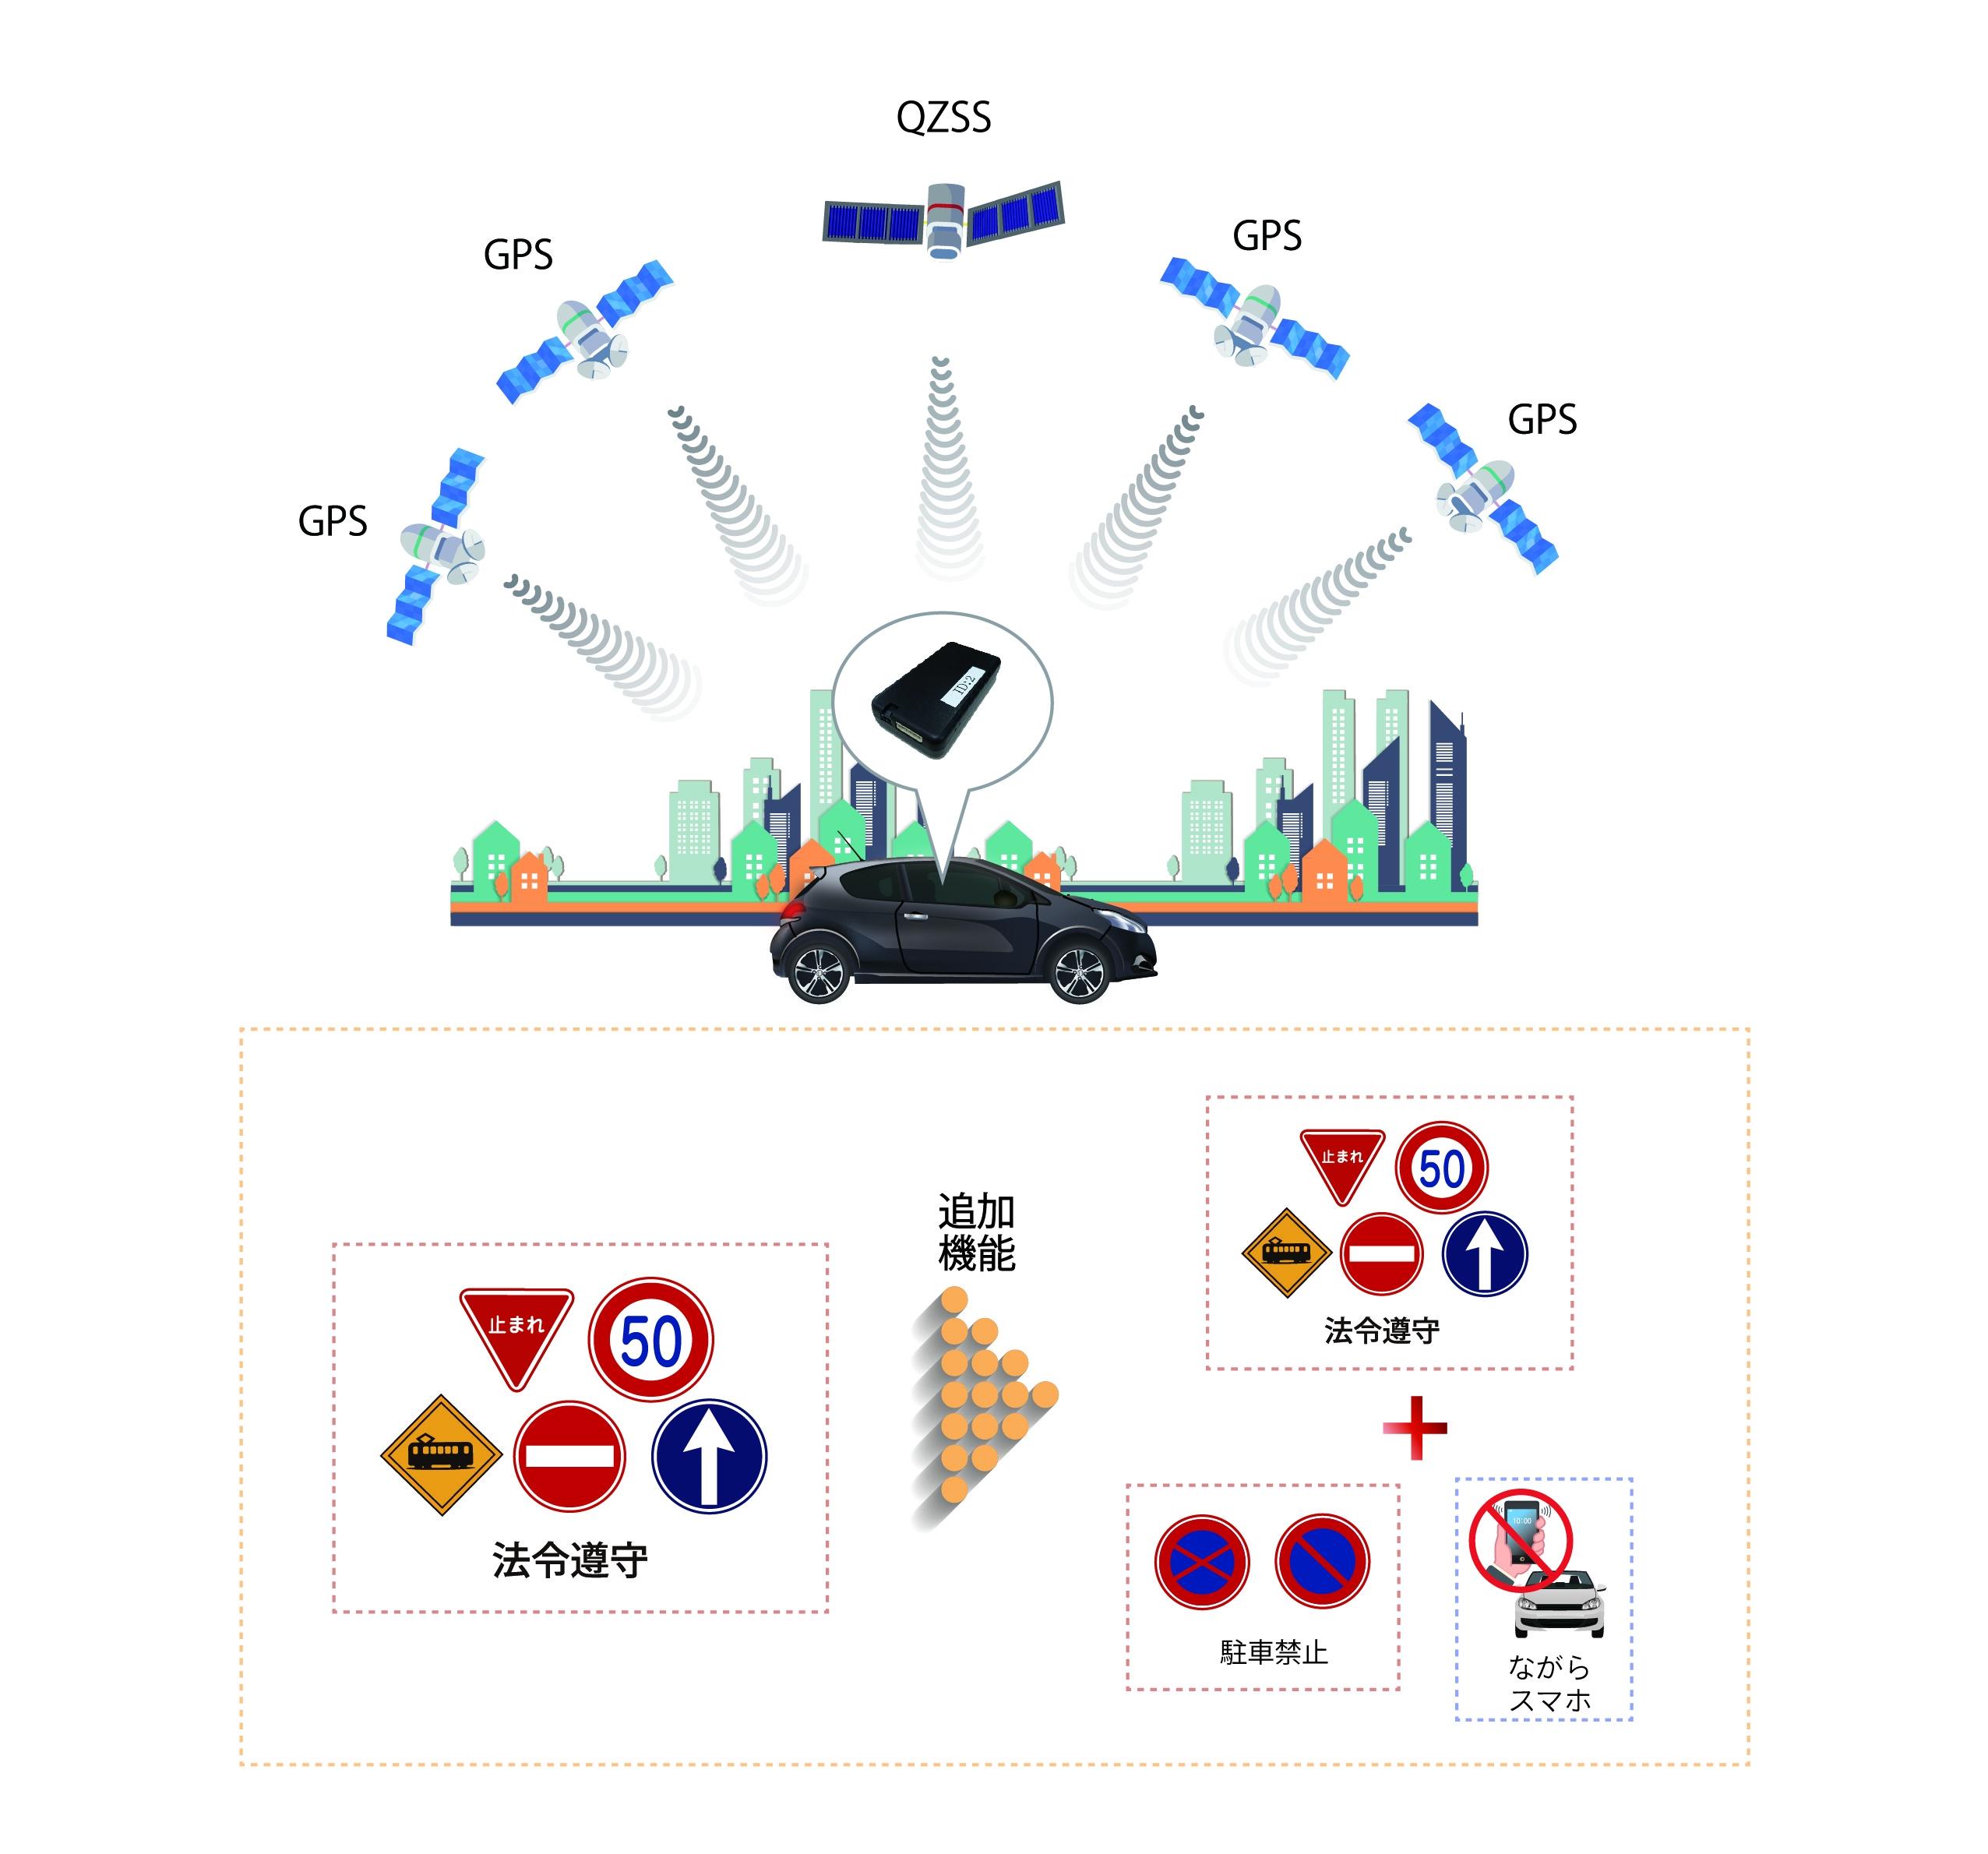 みちびきサブメーター級測位による道路交通法遵守「見える化」サービス